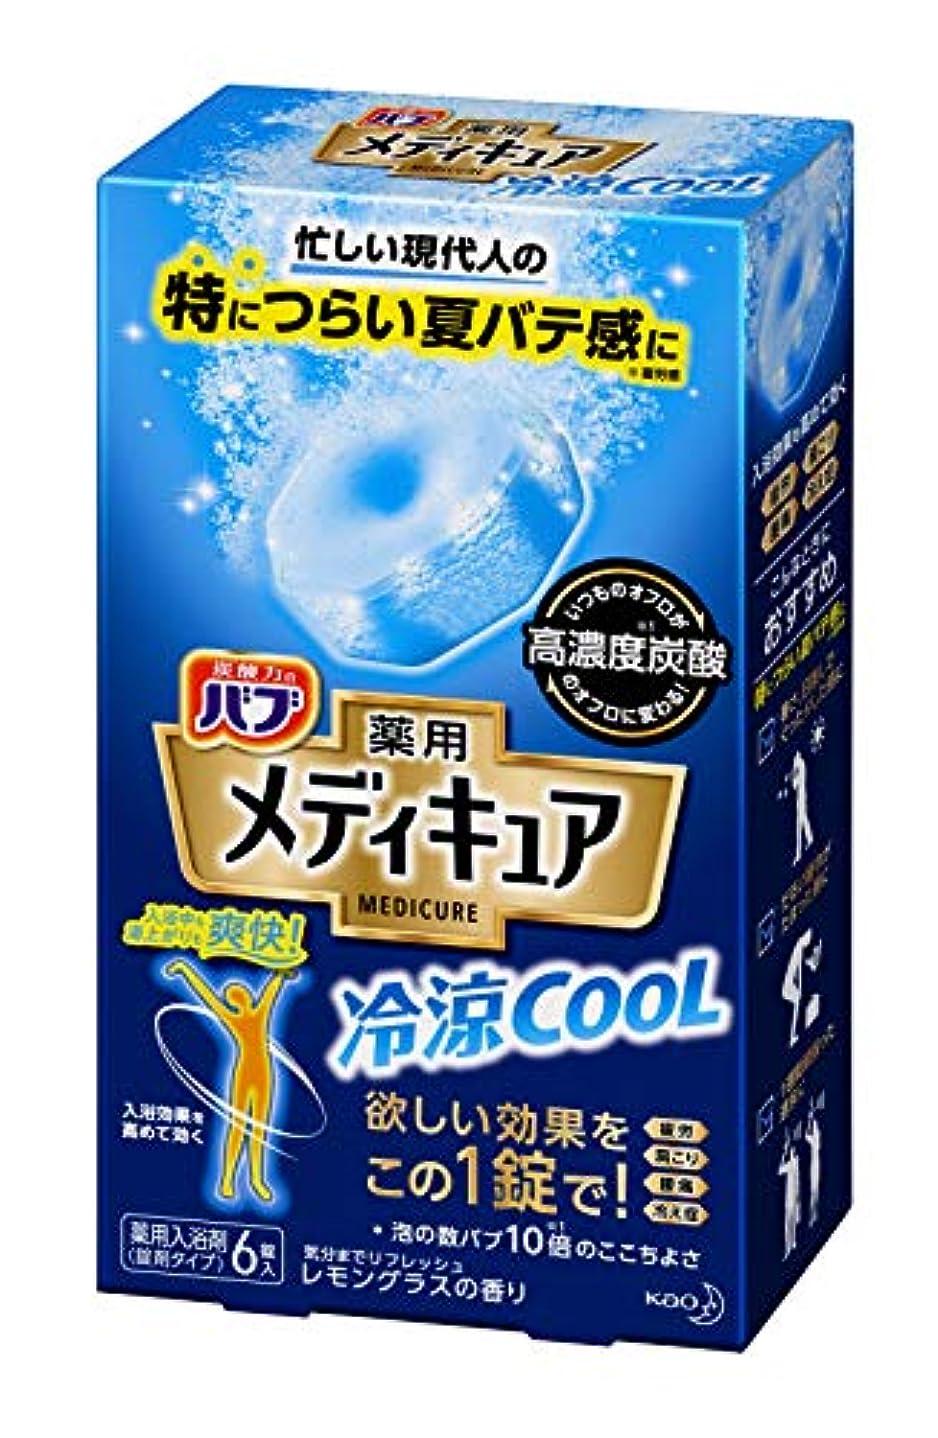 ミュージカル等写真撮影バブ メディキュア 冷涼クール レモングラスの香り 6錠入 高濃度 炭酸 温泉成分 (泡の数バブの10倍)